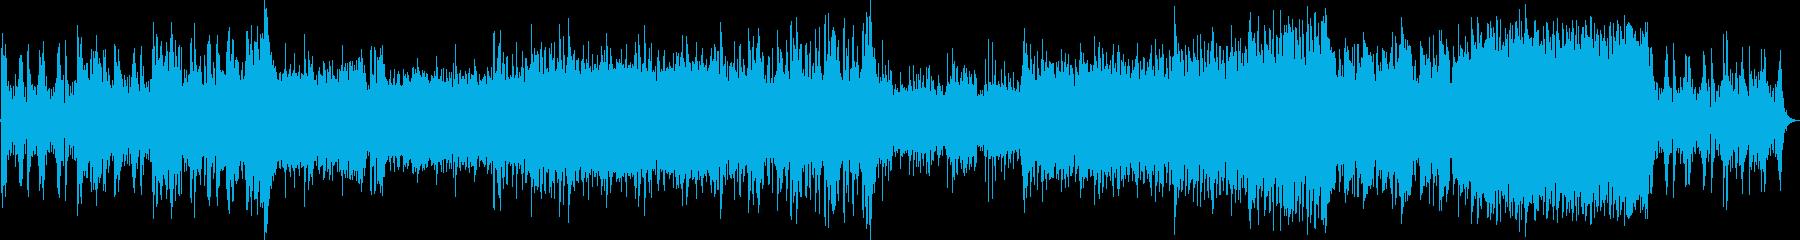 【ミリタリー系】作戦行動BGMの再生済みの波形